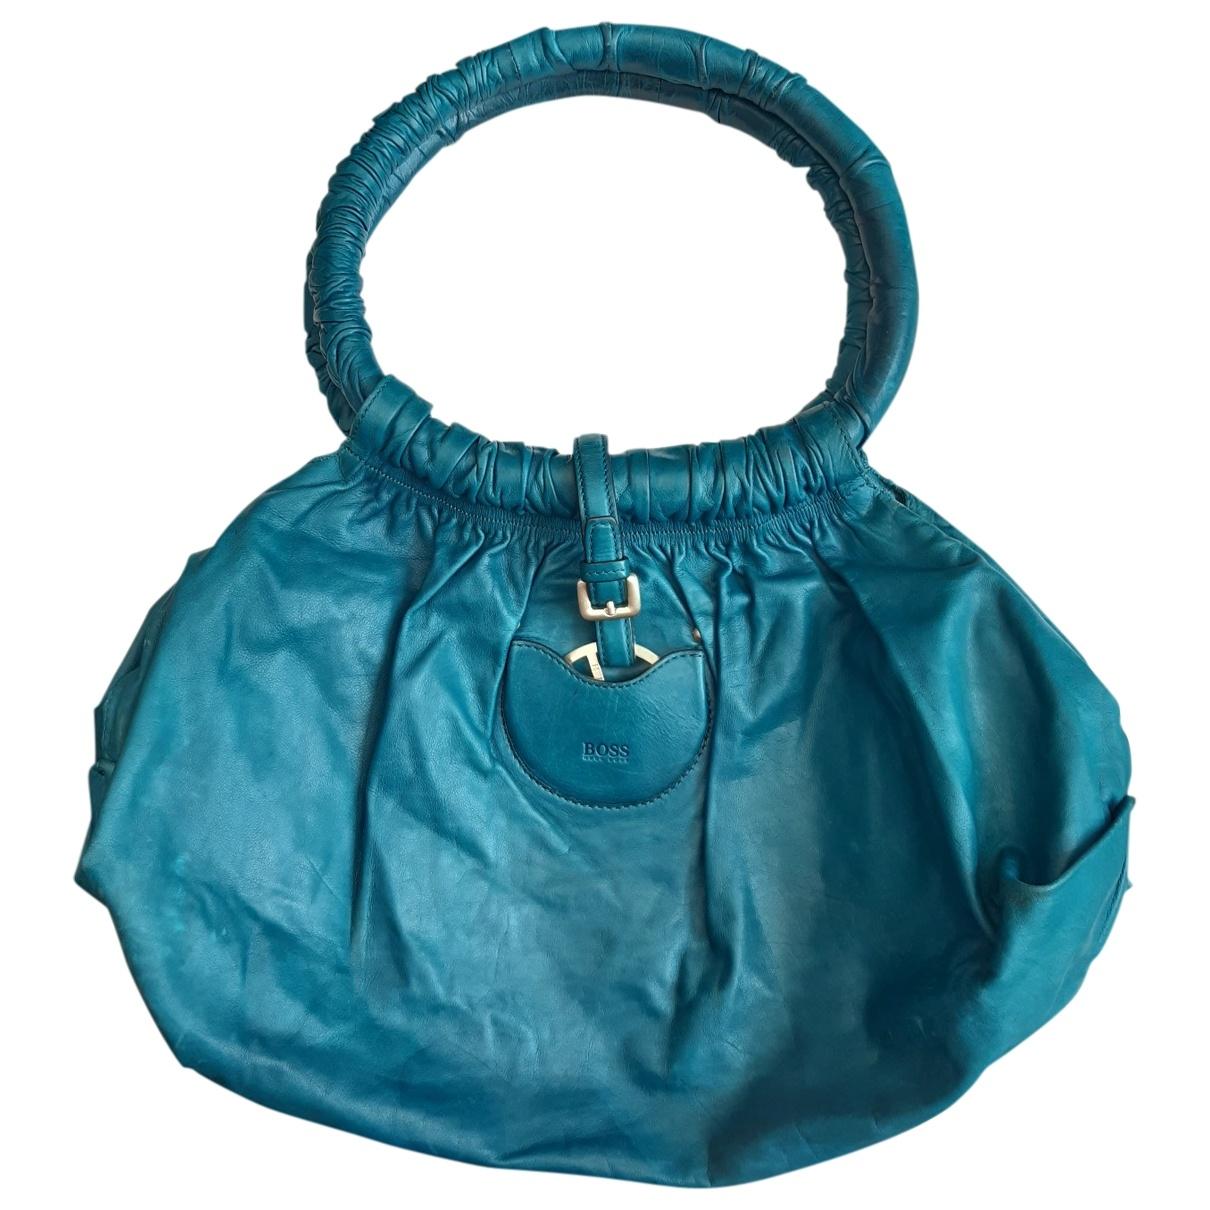 Boss \N Turquoise Leather handbag for Women \N